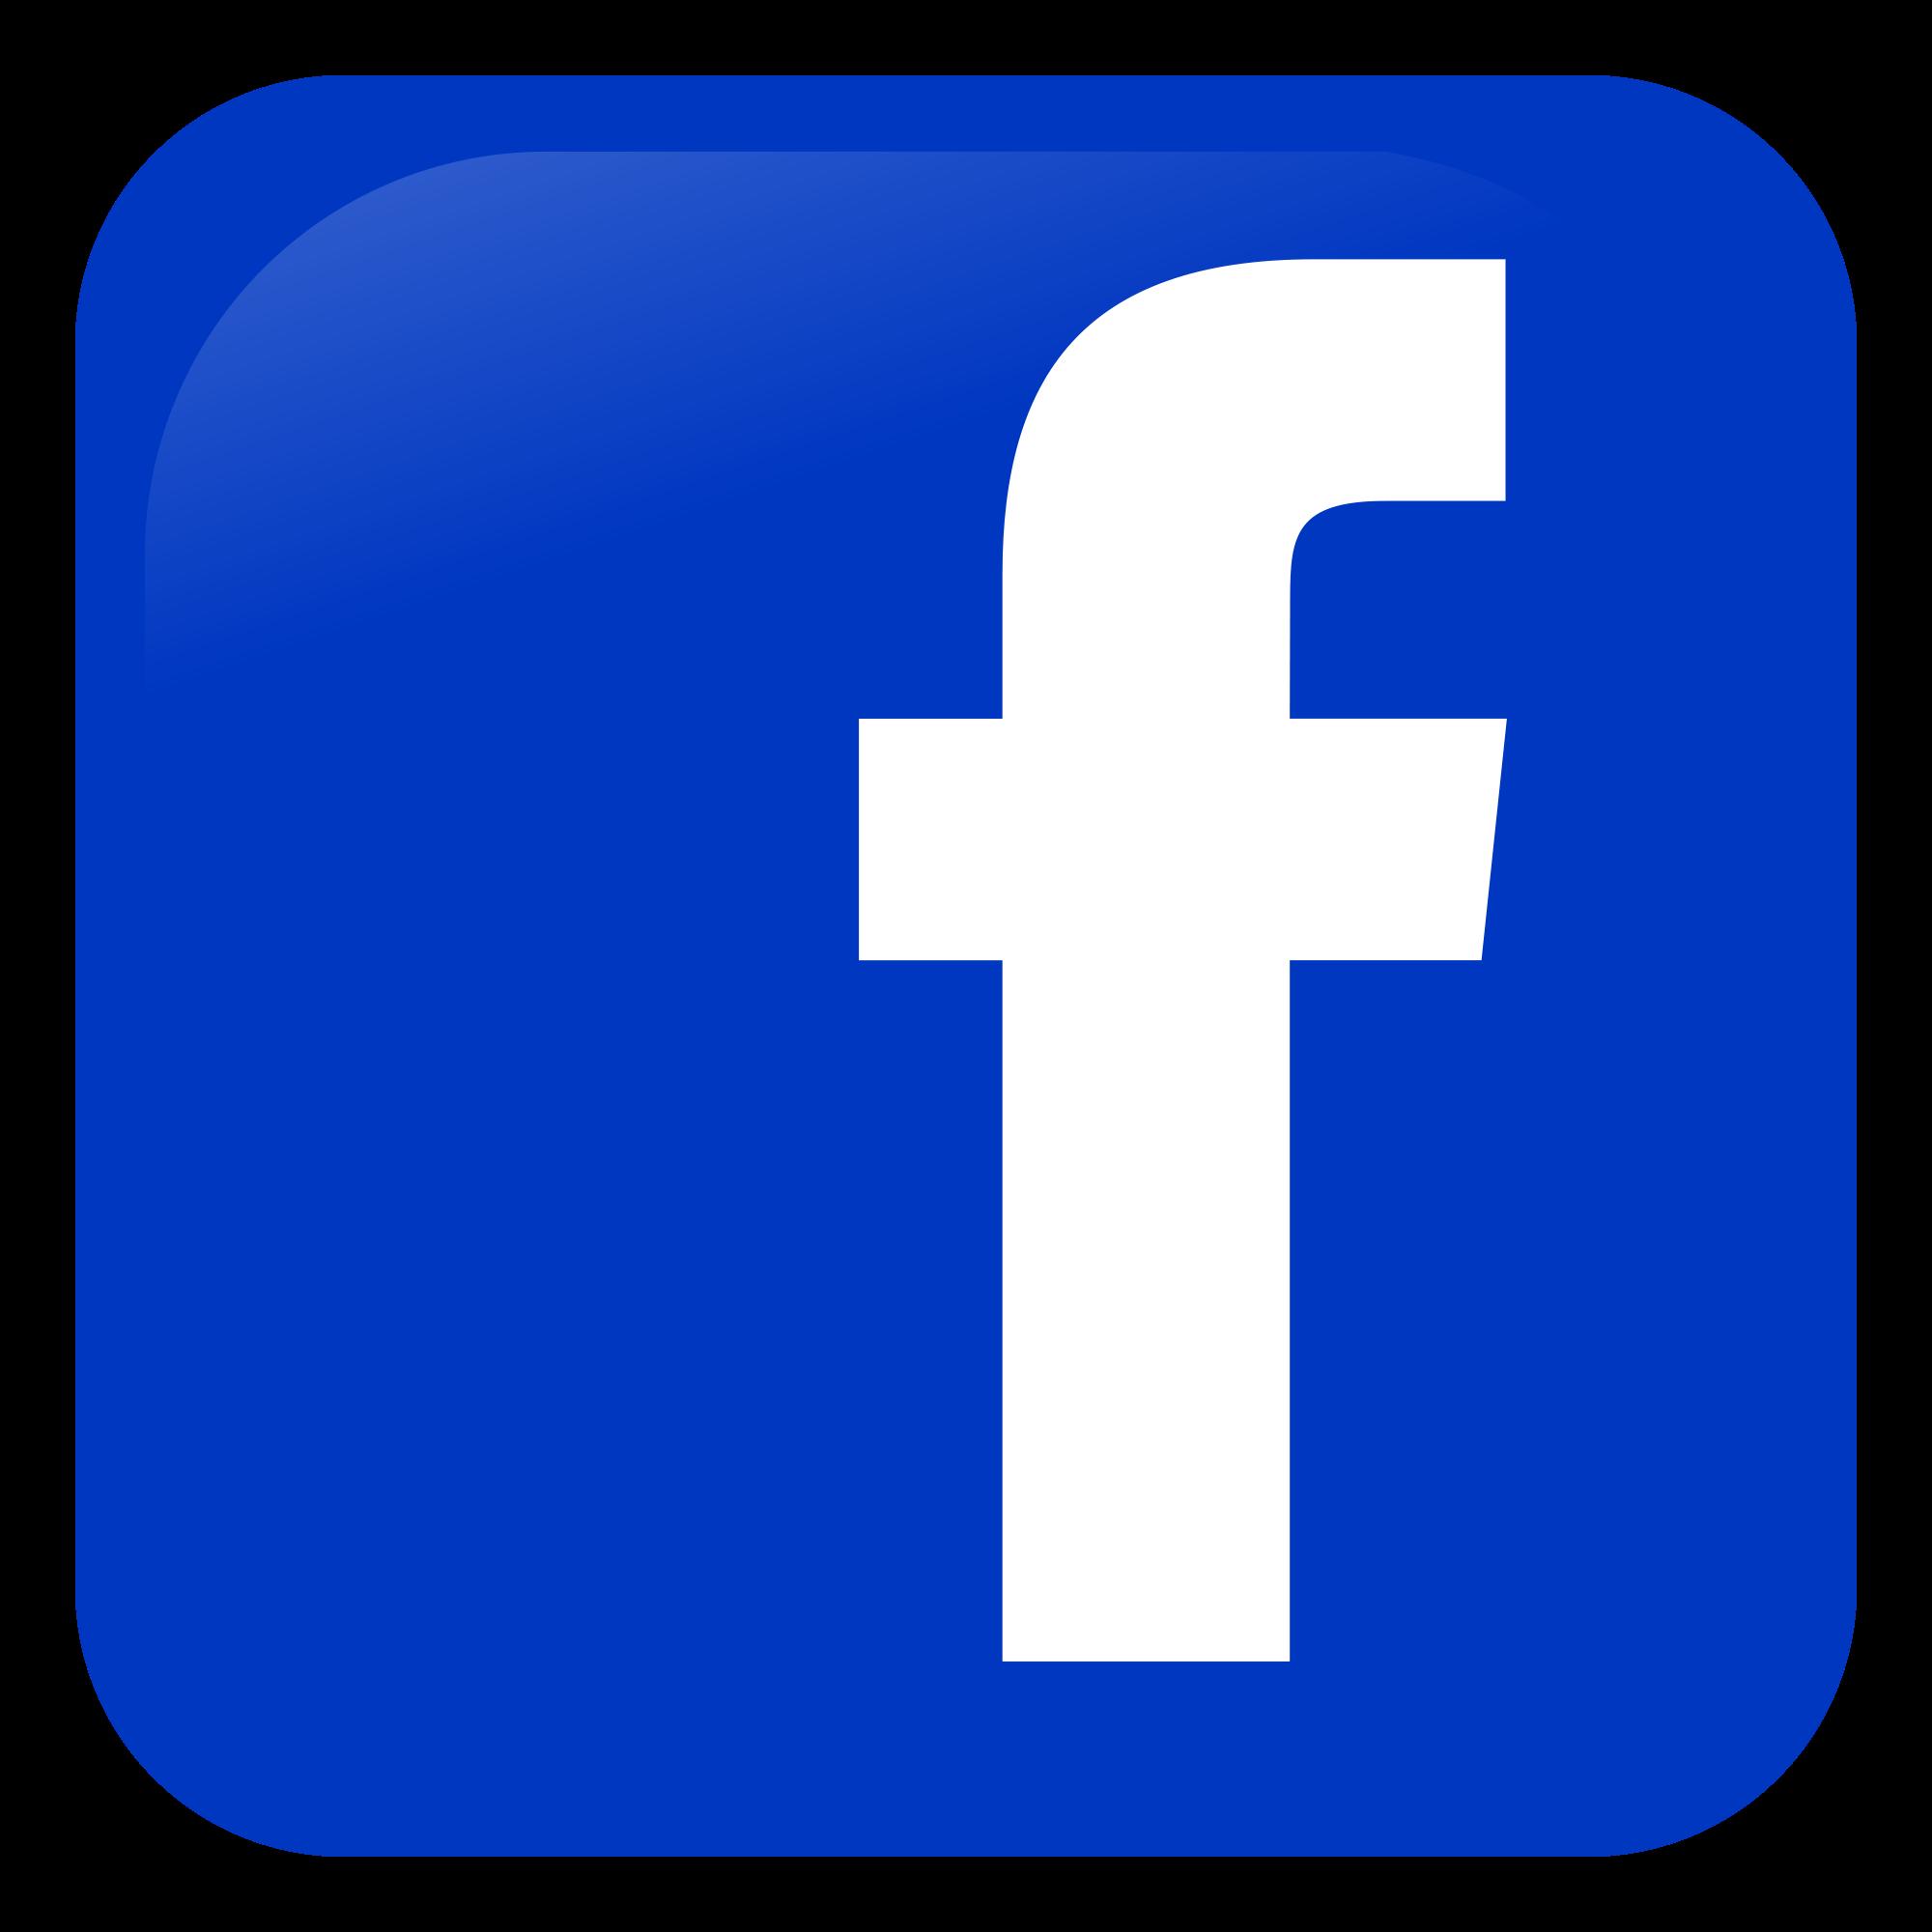 Facebook logo hd clipart vector library Facebook Logos PNG images free download vector library